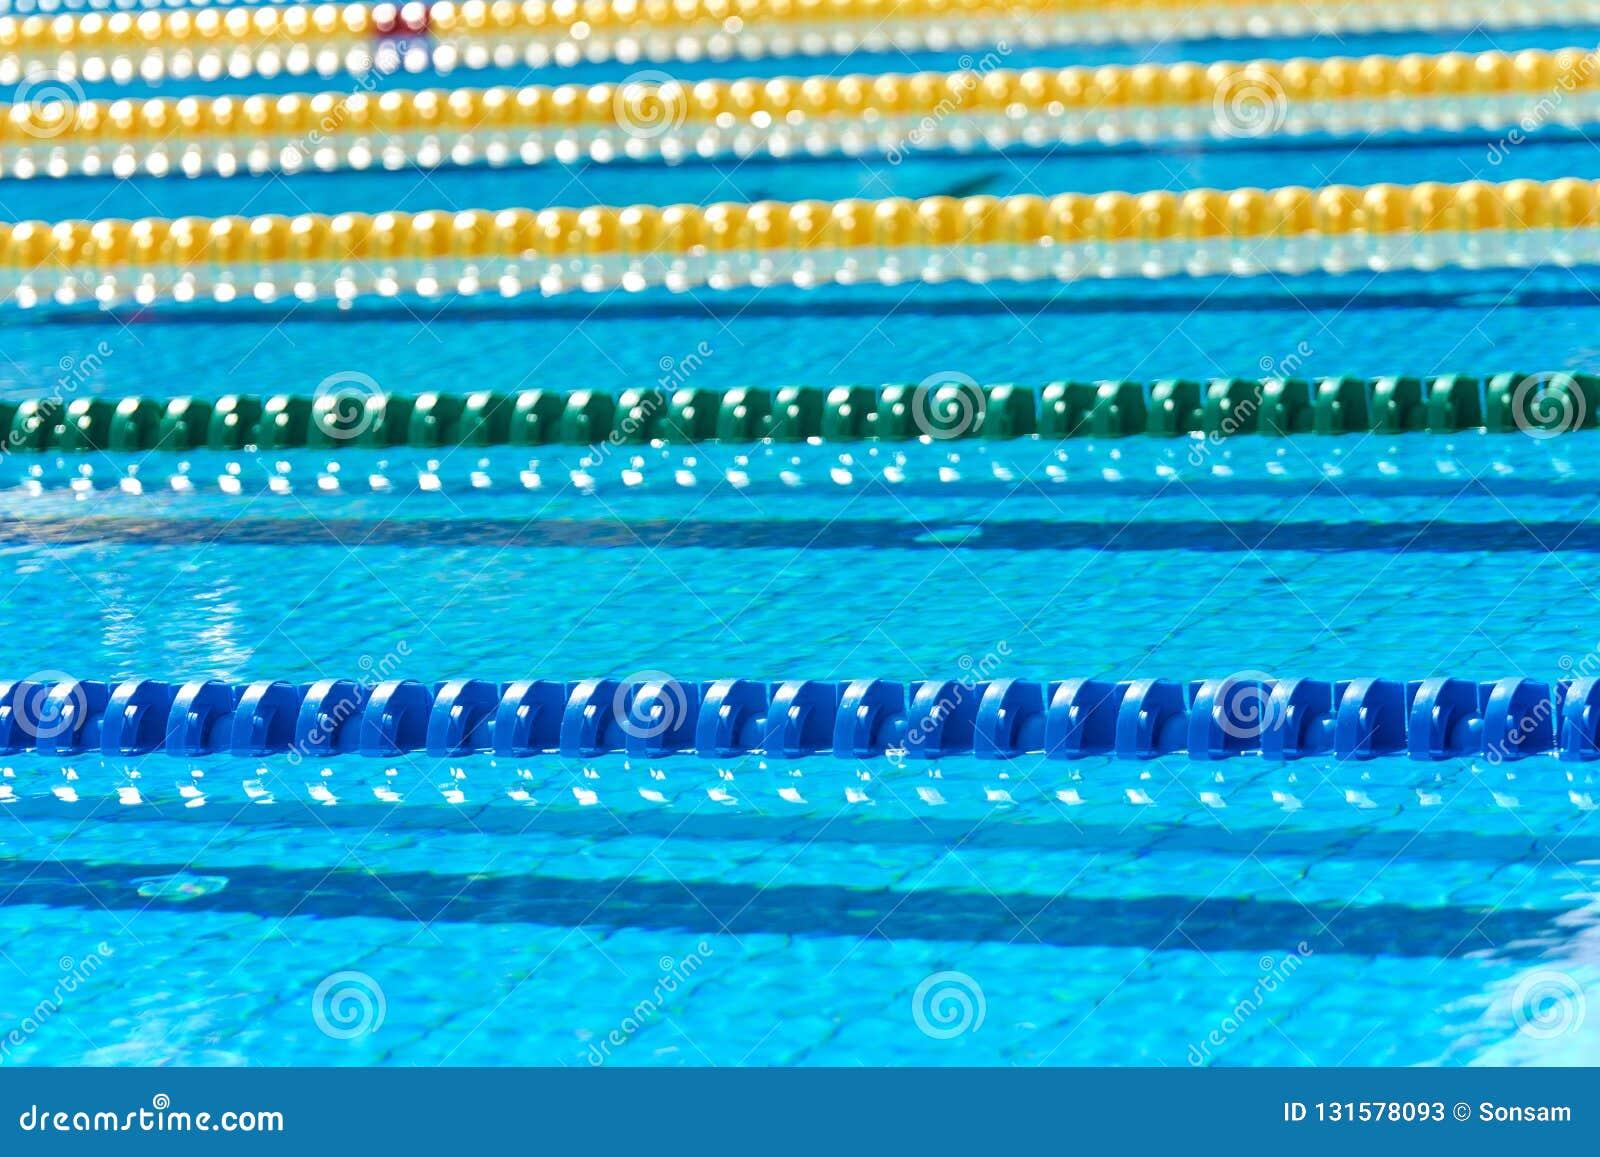 Swimming pool - lane lines stock image. Image of horizontal ...